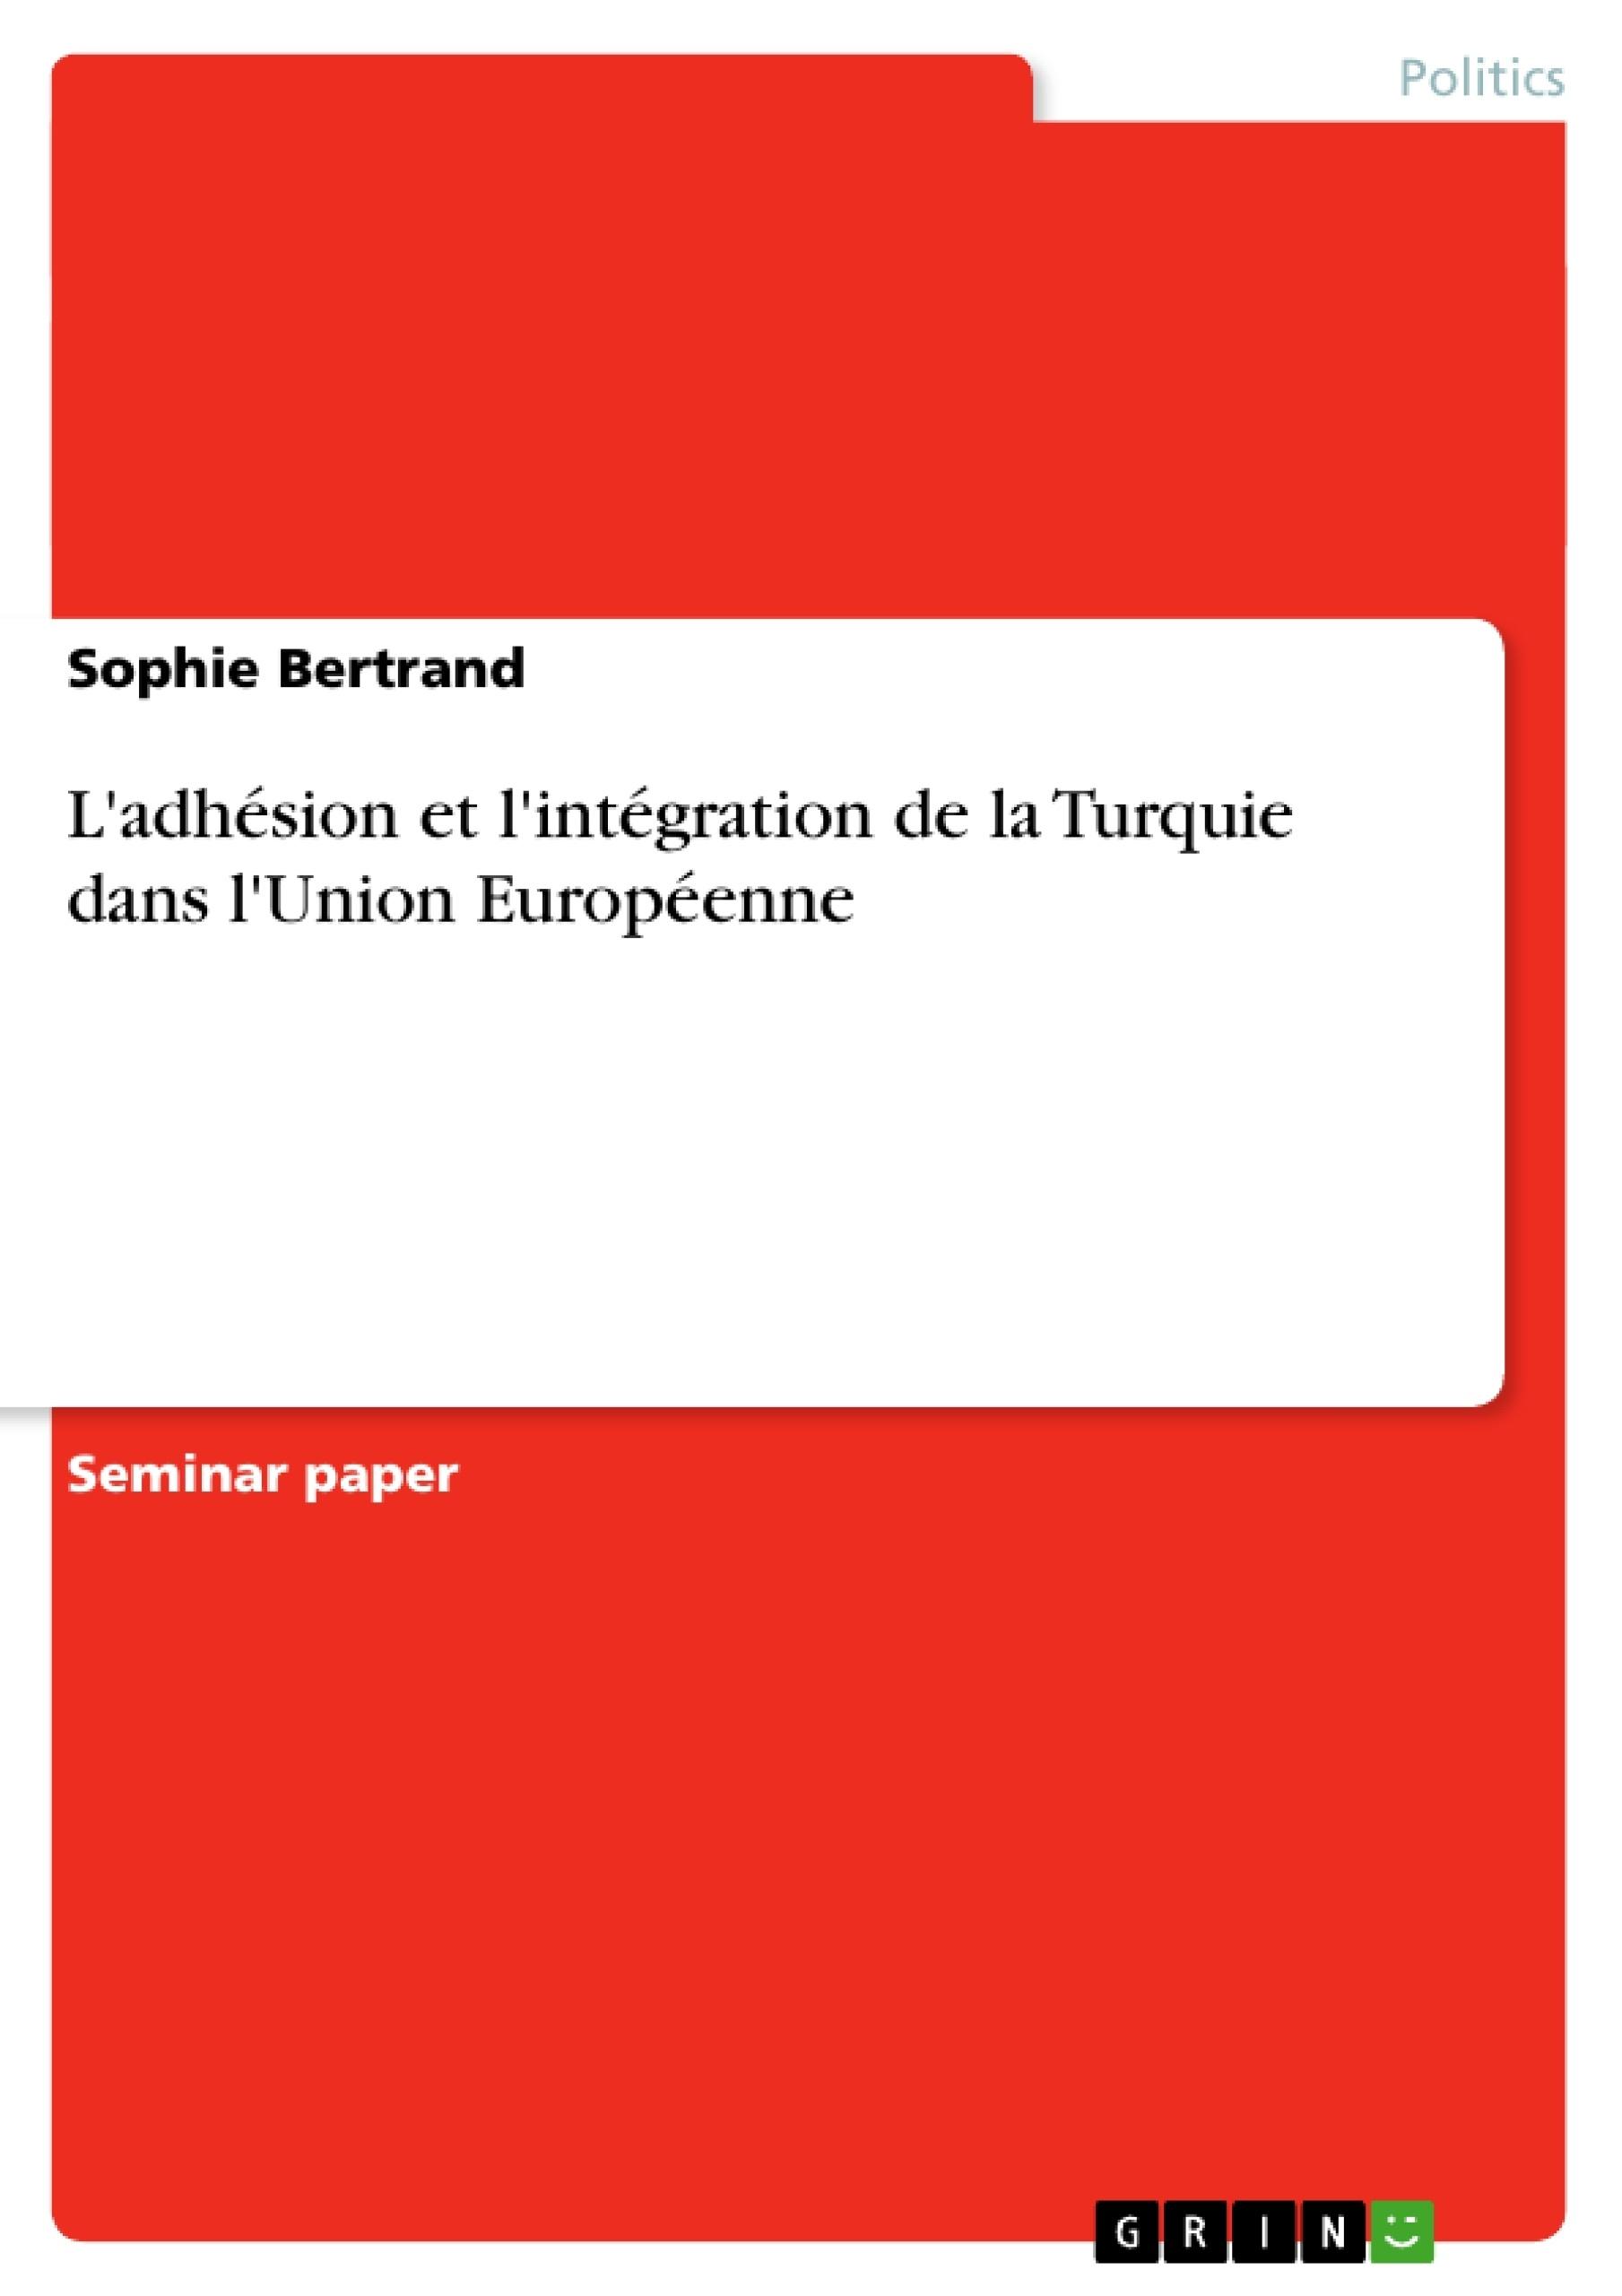 Titre: L'adhésion et l'intégration de la Turquie dans l'Union Européenne